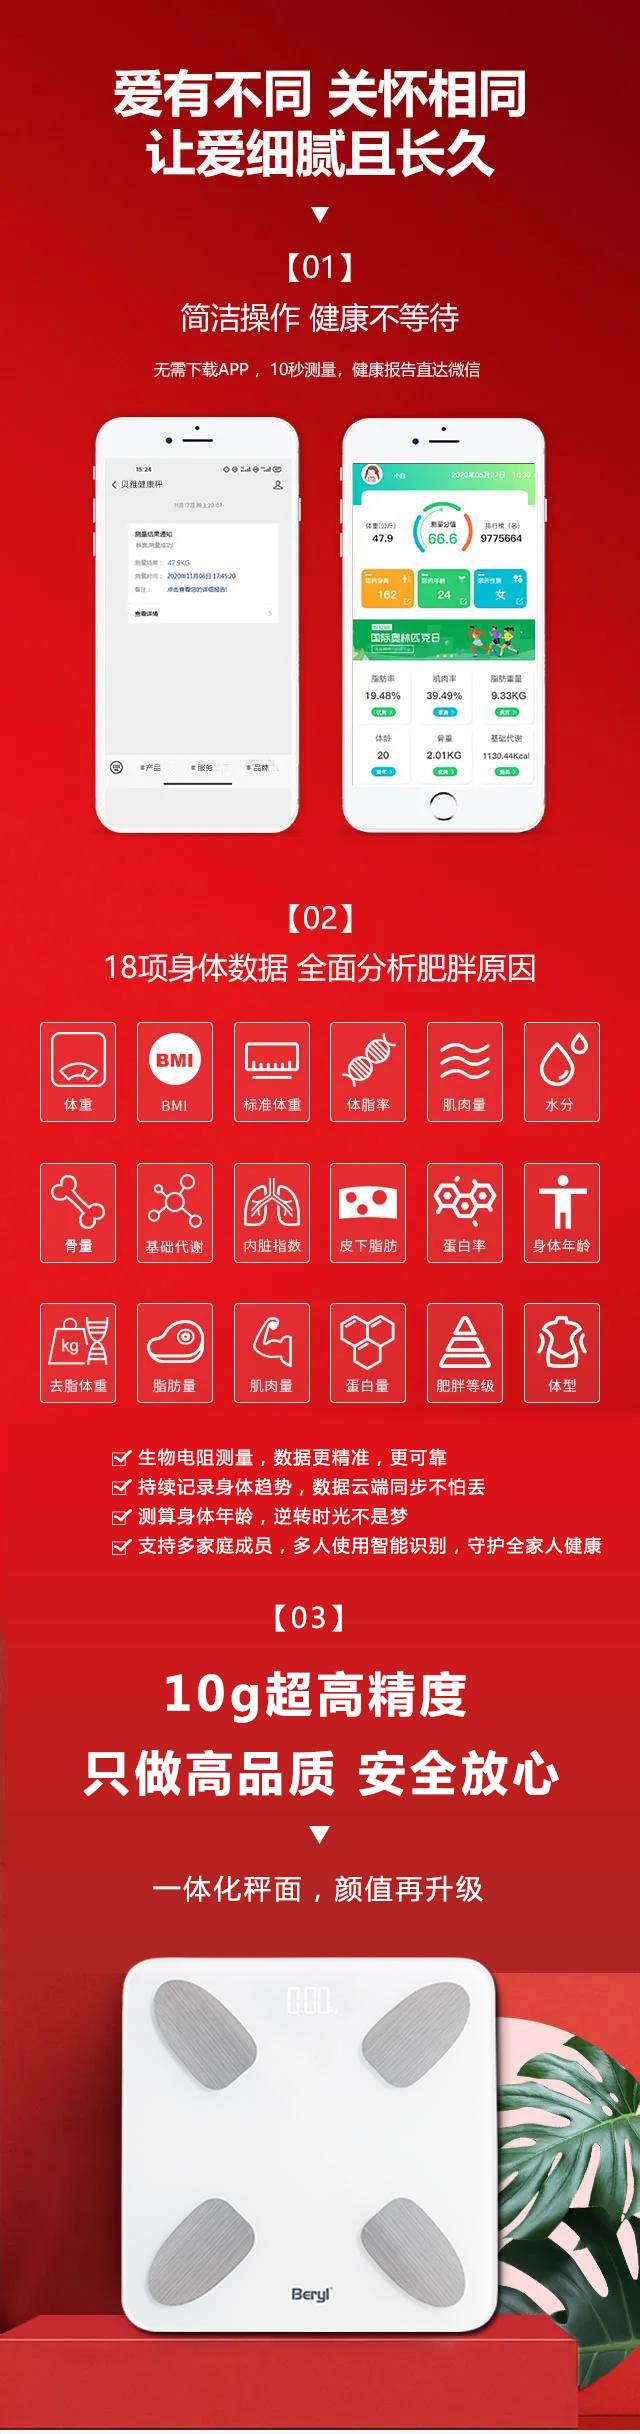 微信图片_20201211093601